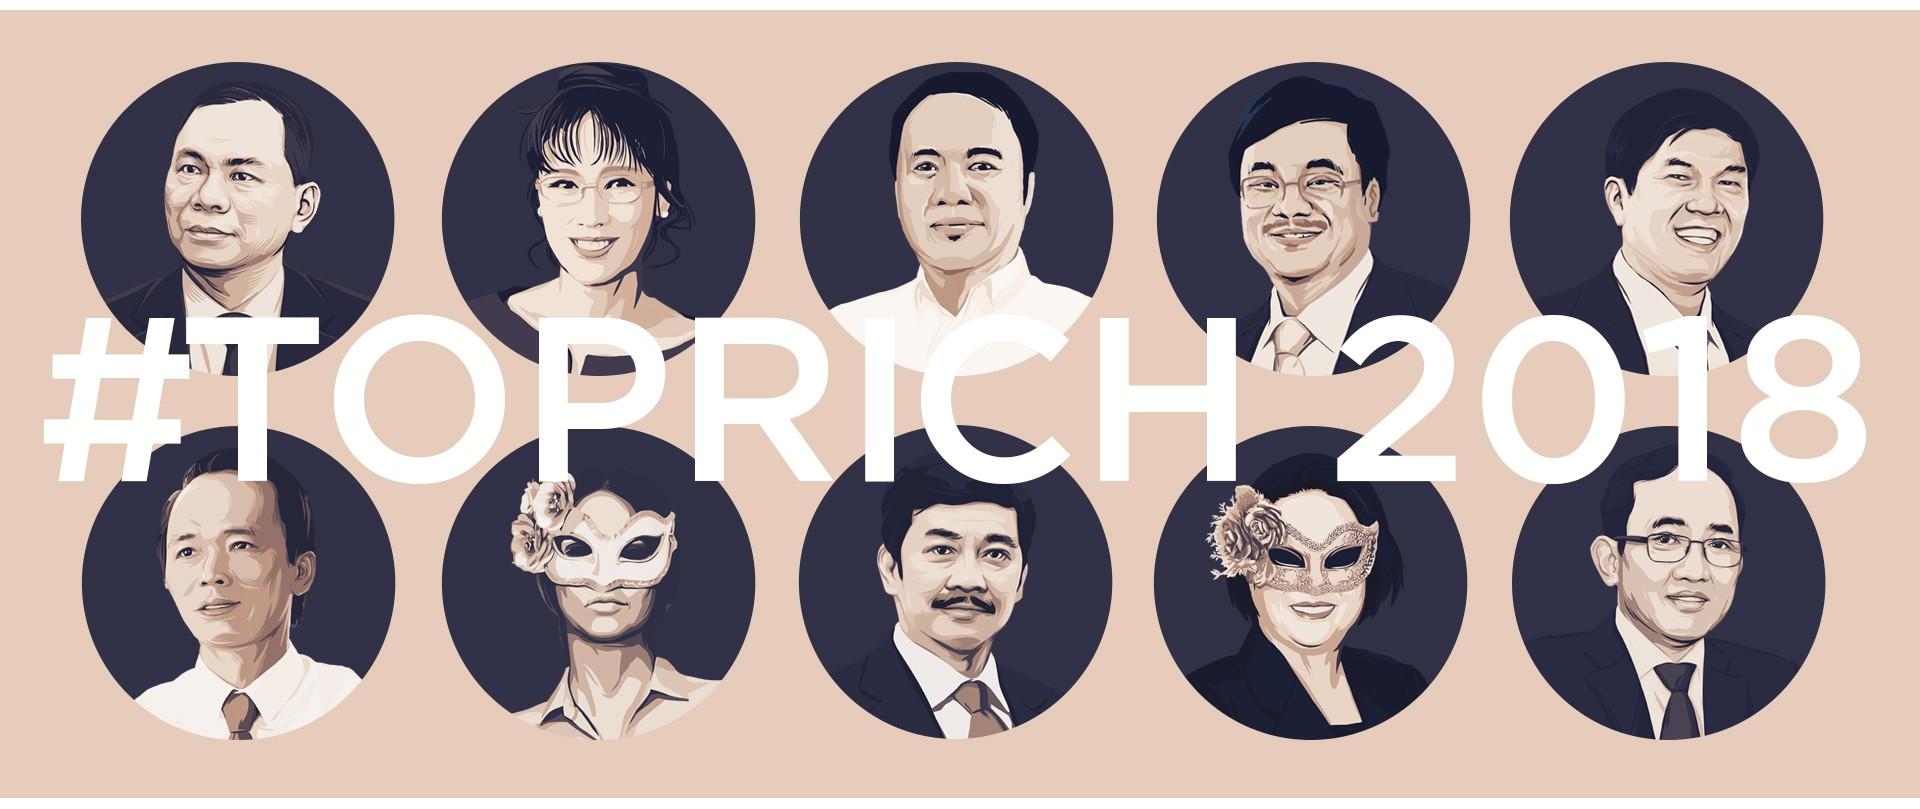 Bất chấp thị trường suy giảm, Top 10 người giàu nhất trên TTCK vẫn ngày càng giàu thêm - Ảnh 7.